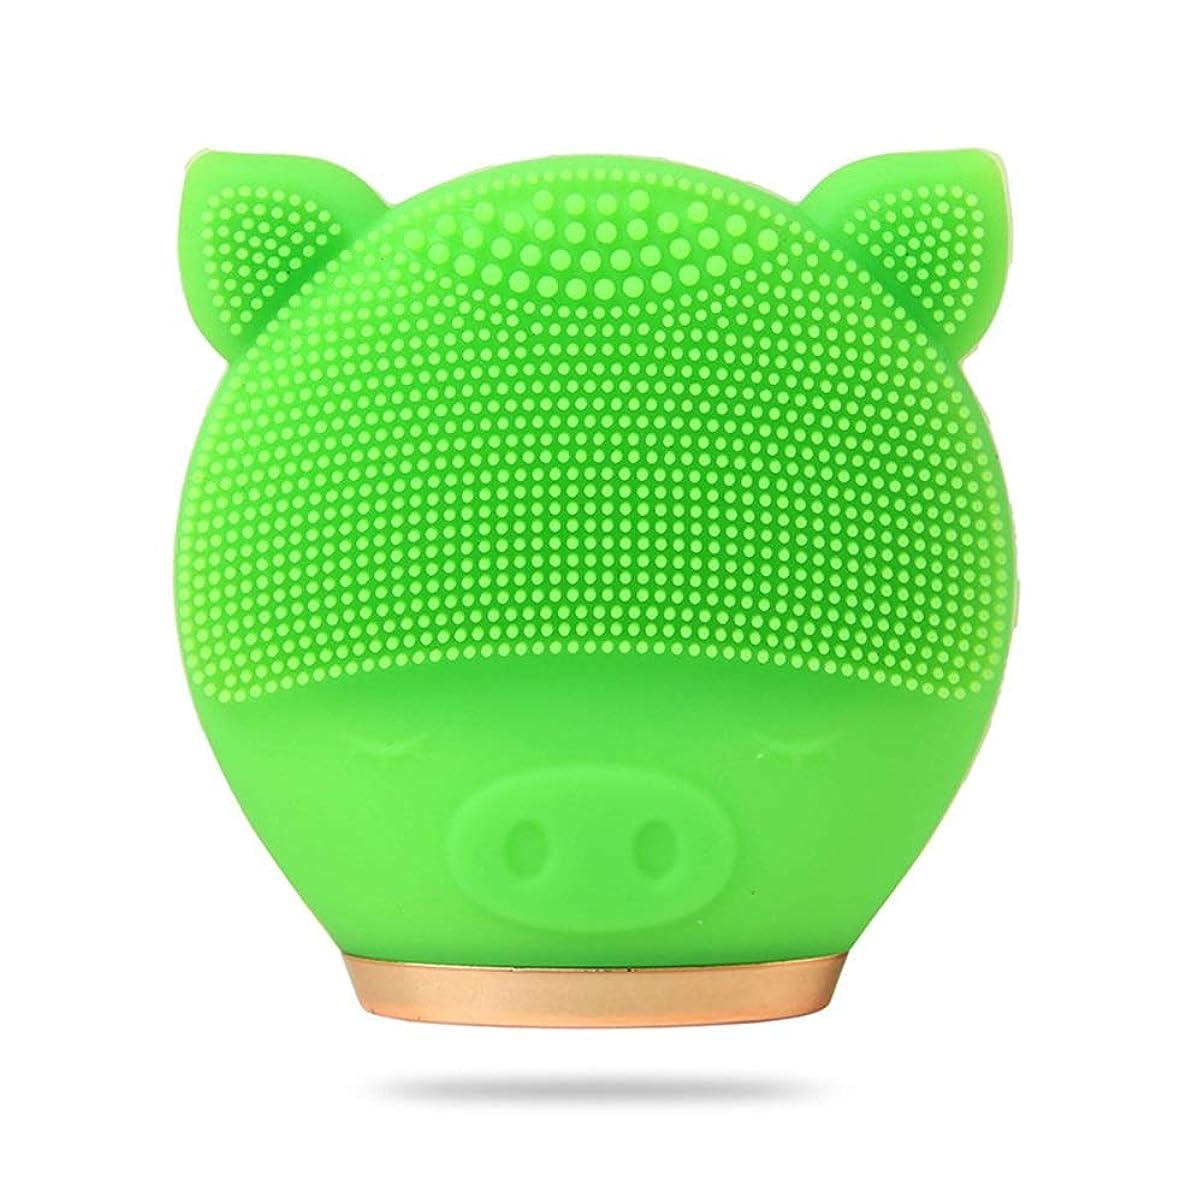 湿原パッド説得力のあるZXF 新しい豚モデル電気クレンジング楽器シリコーン超音波振動洗浄顔顔毛穴クリーナー美容器具 滑らかである (色 : Green)